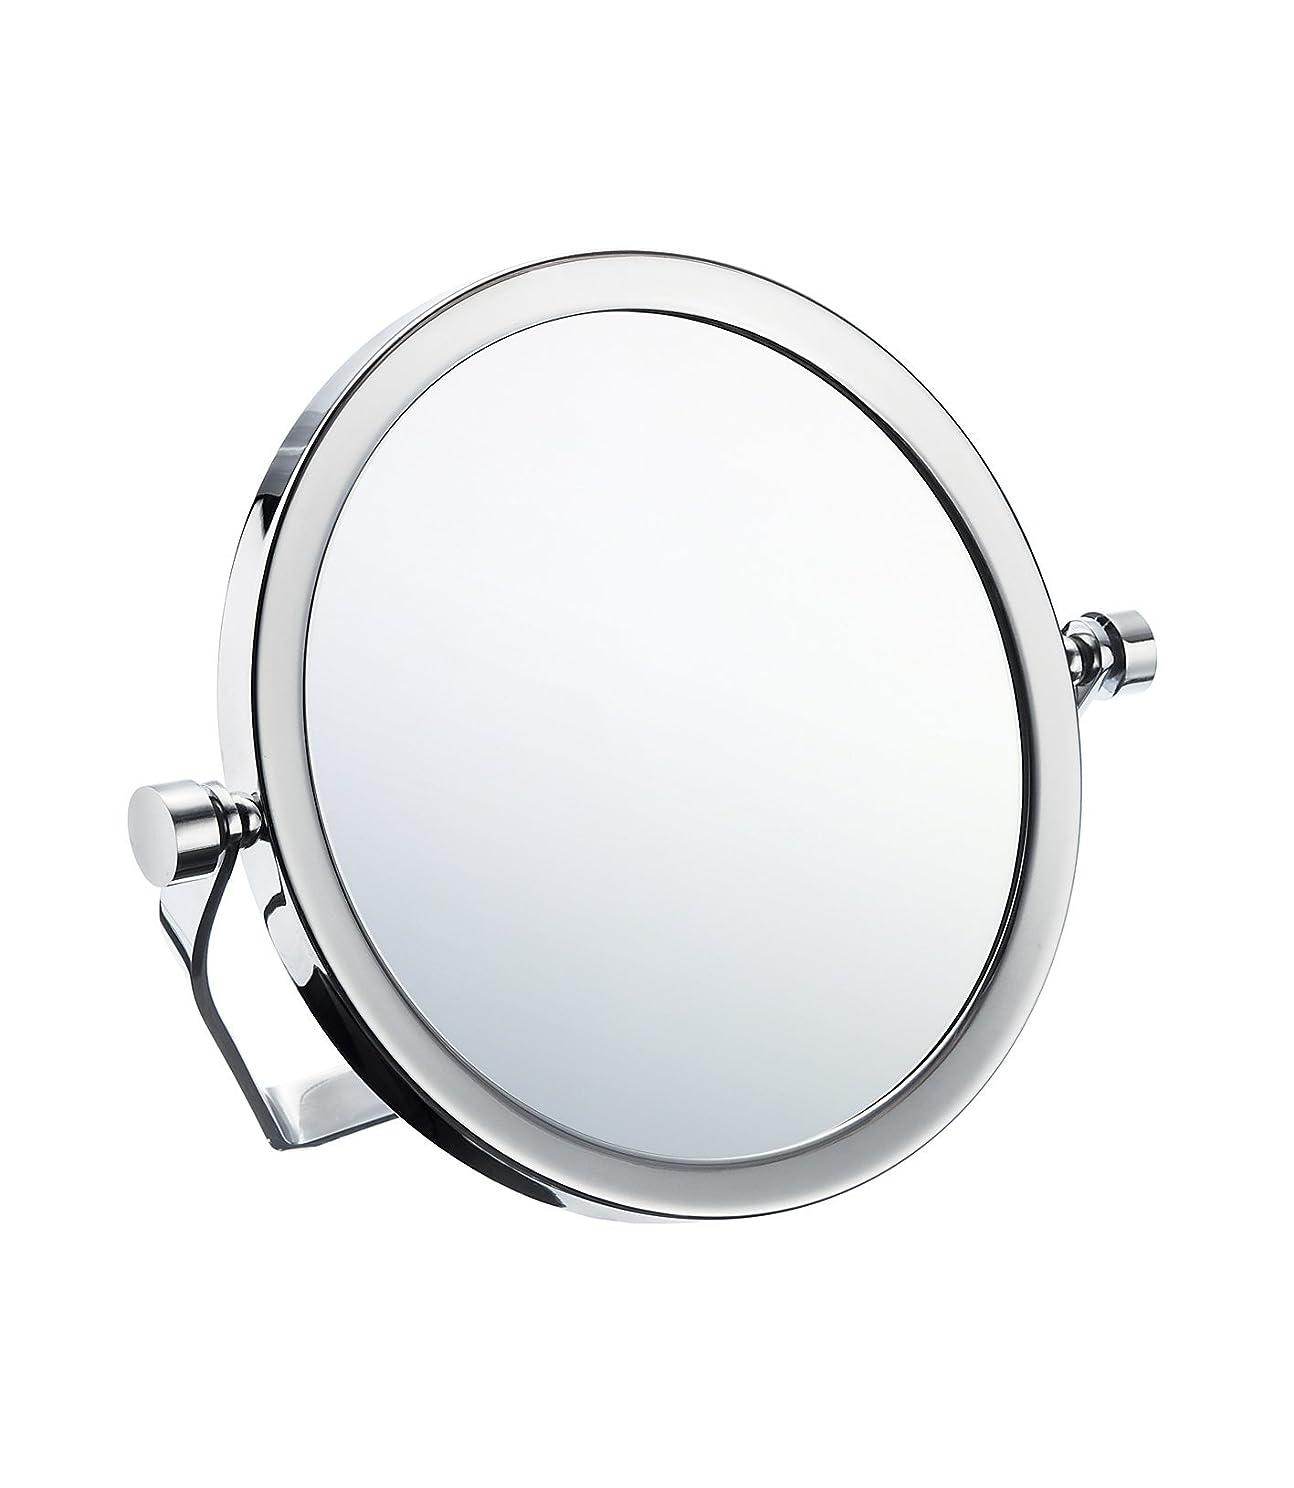 ドラゴンスポンジスポンジSmedbo 5X'S Shaving/Make-Up Travel Mirror With Neoprene Case by Smedbo